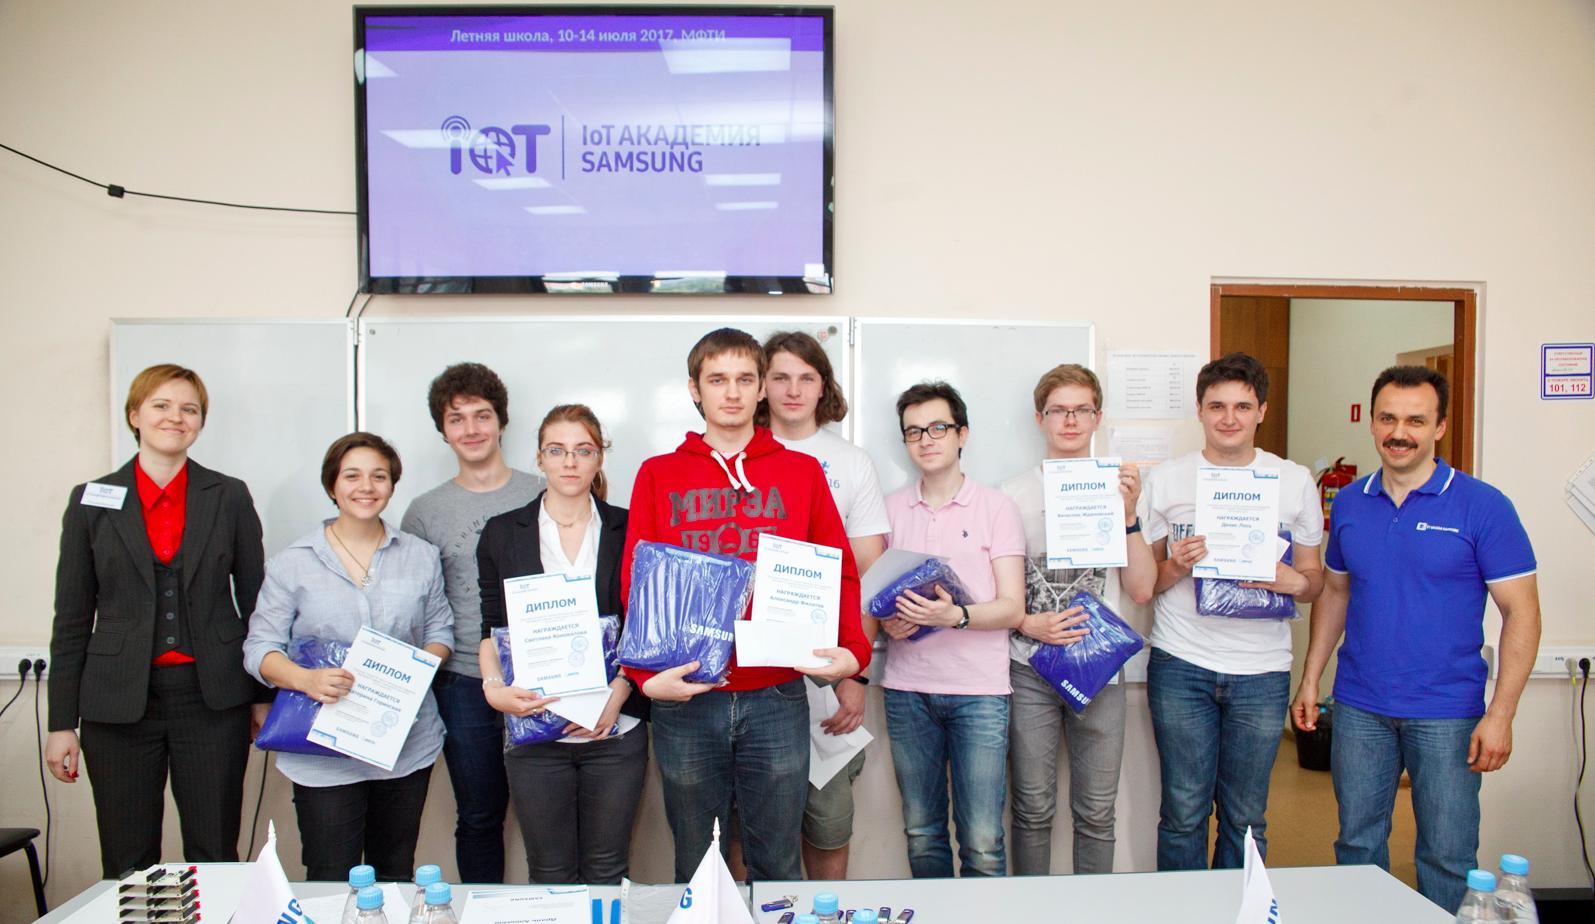 ИСП РАН и Samsung открывают IoT Академию в МФТИ